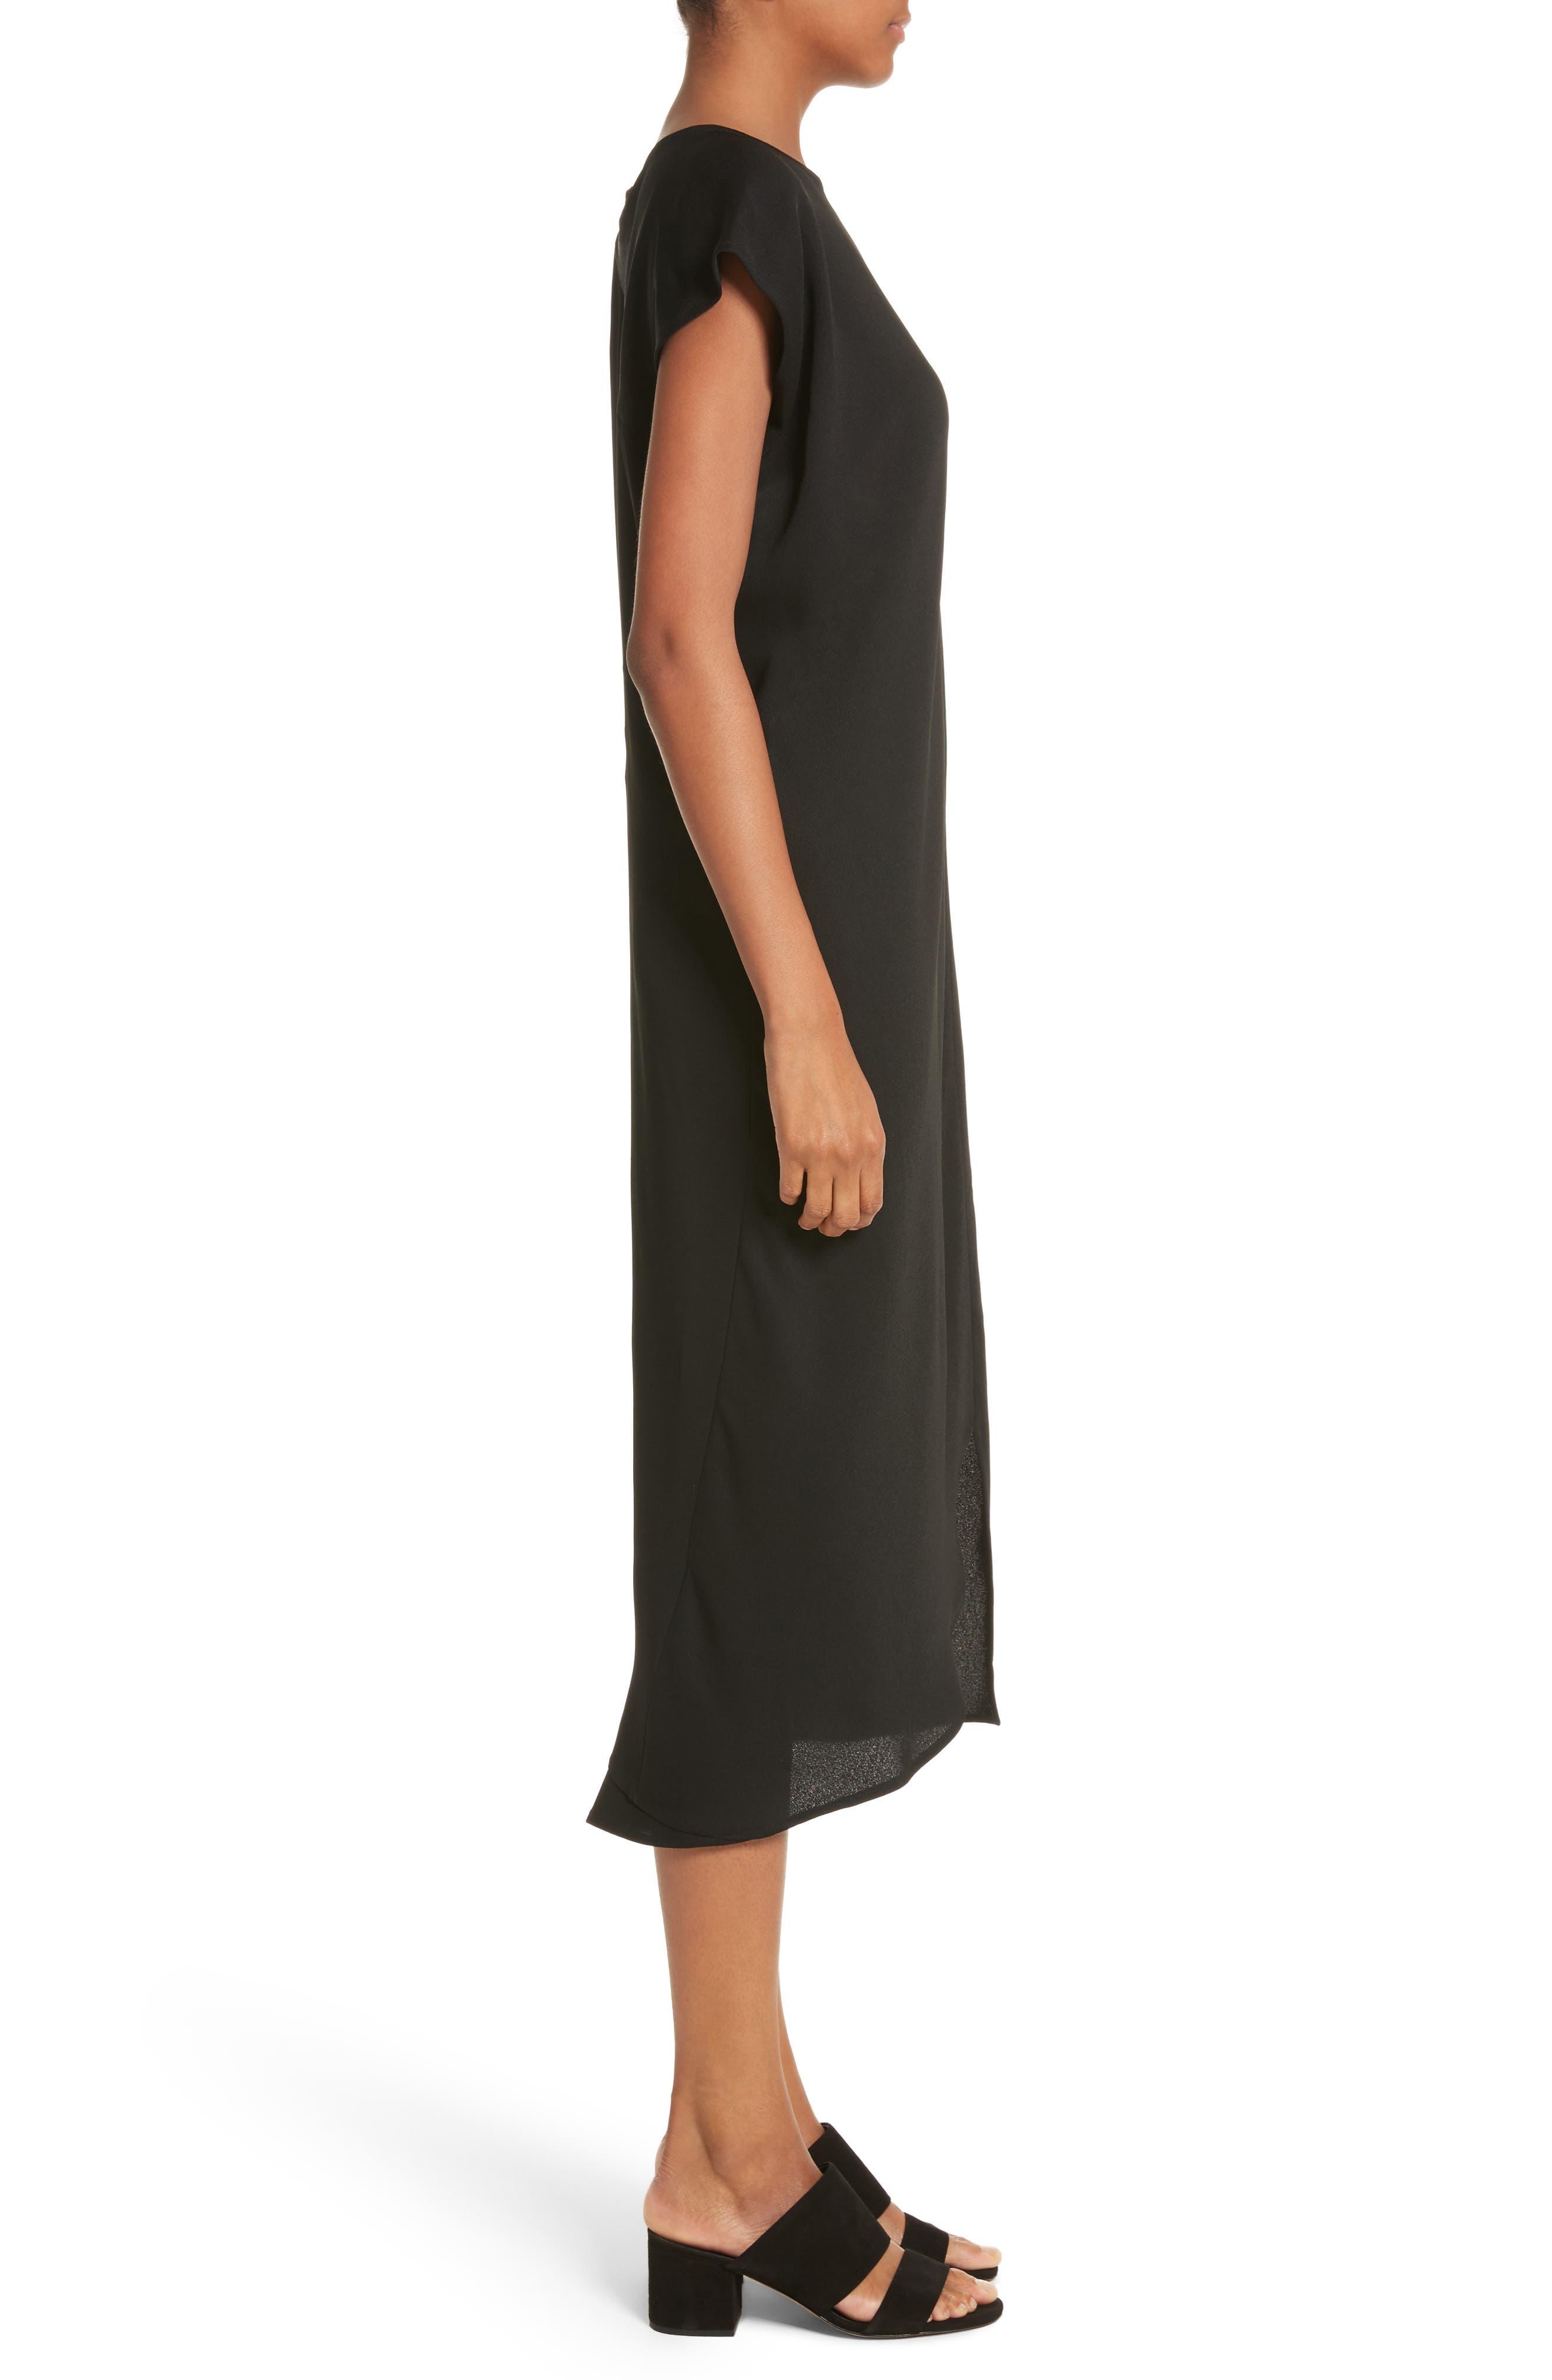 Tula Eco Drape Dress,                             Alternate thumbnail 3, color,